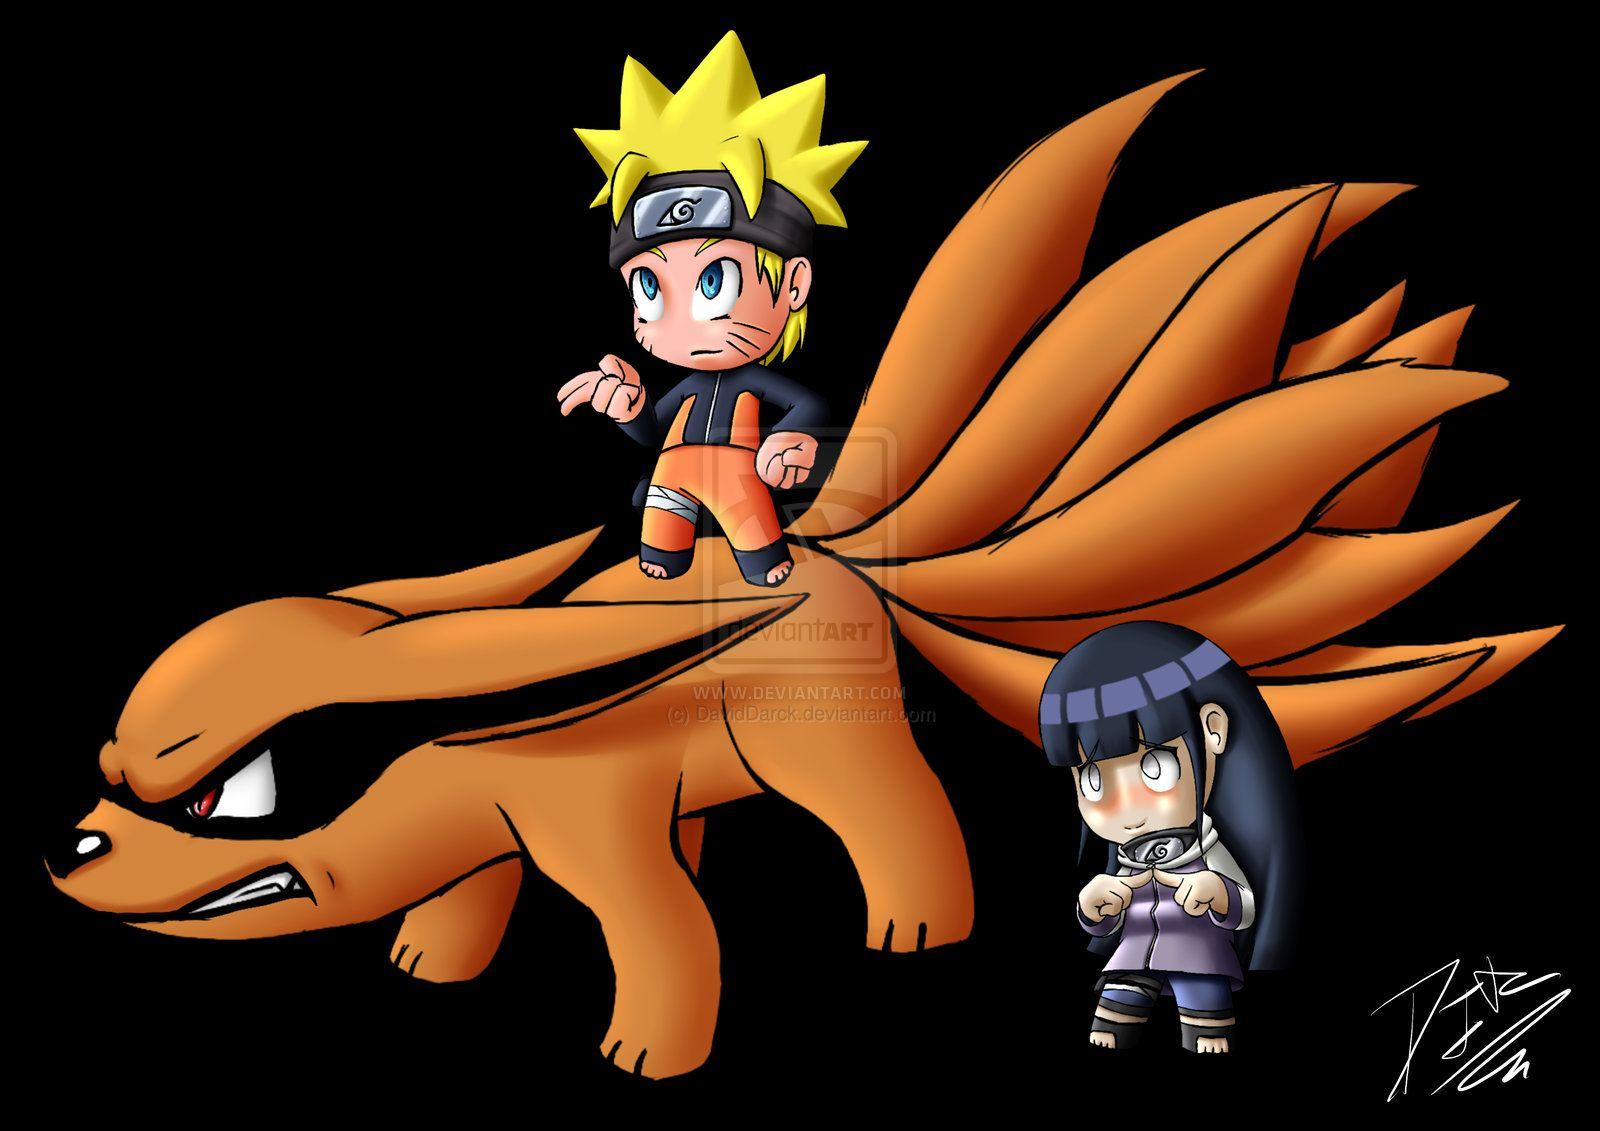 Naruto #Kurama | Naruto | Pinterest | Bonito